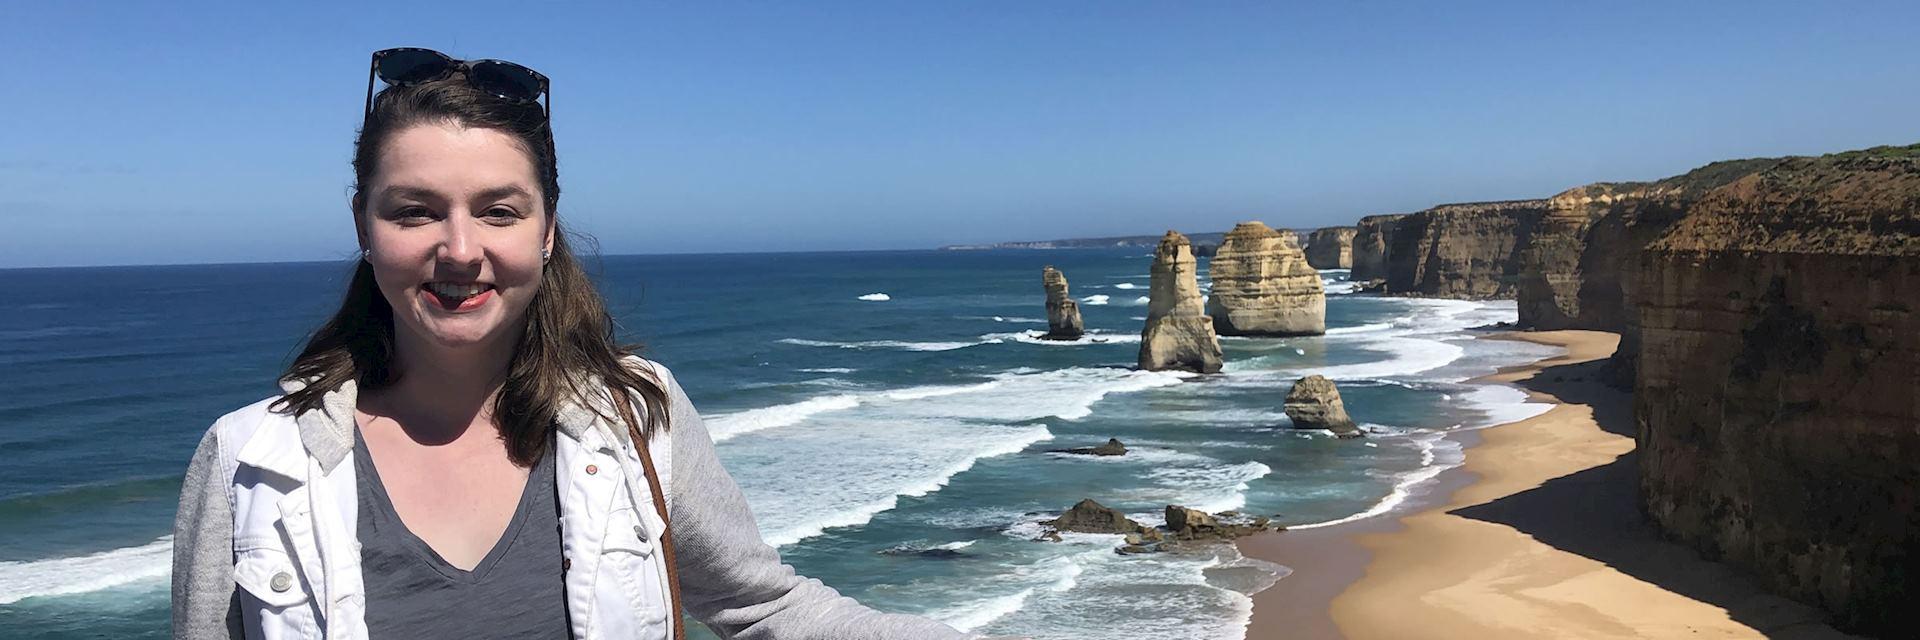 Sydney at the Twelve Apostles, Great Ocean Road